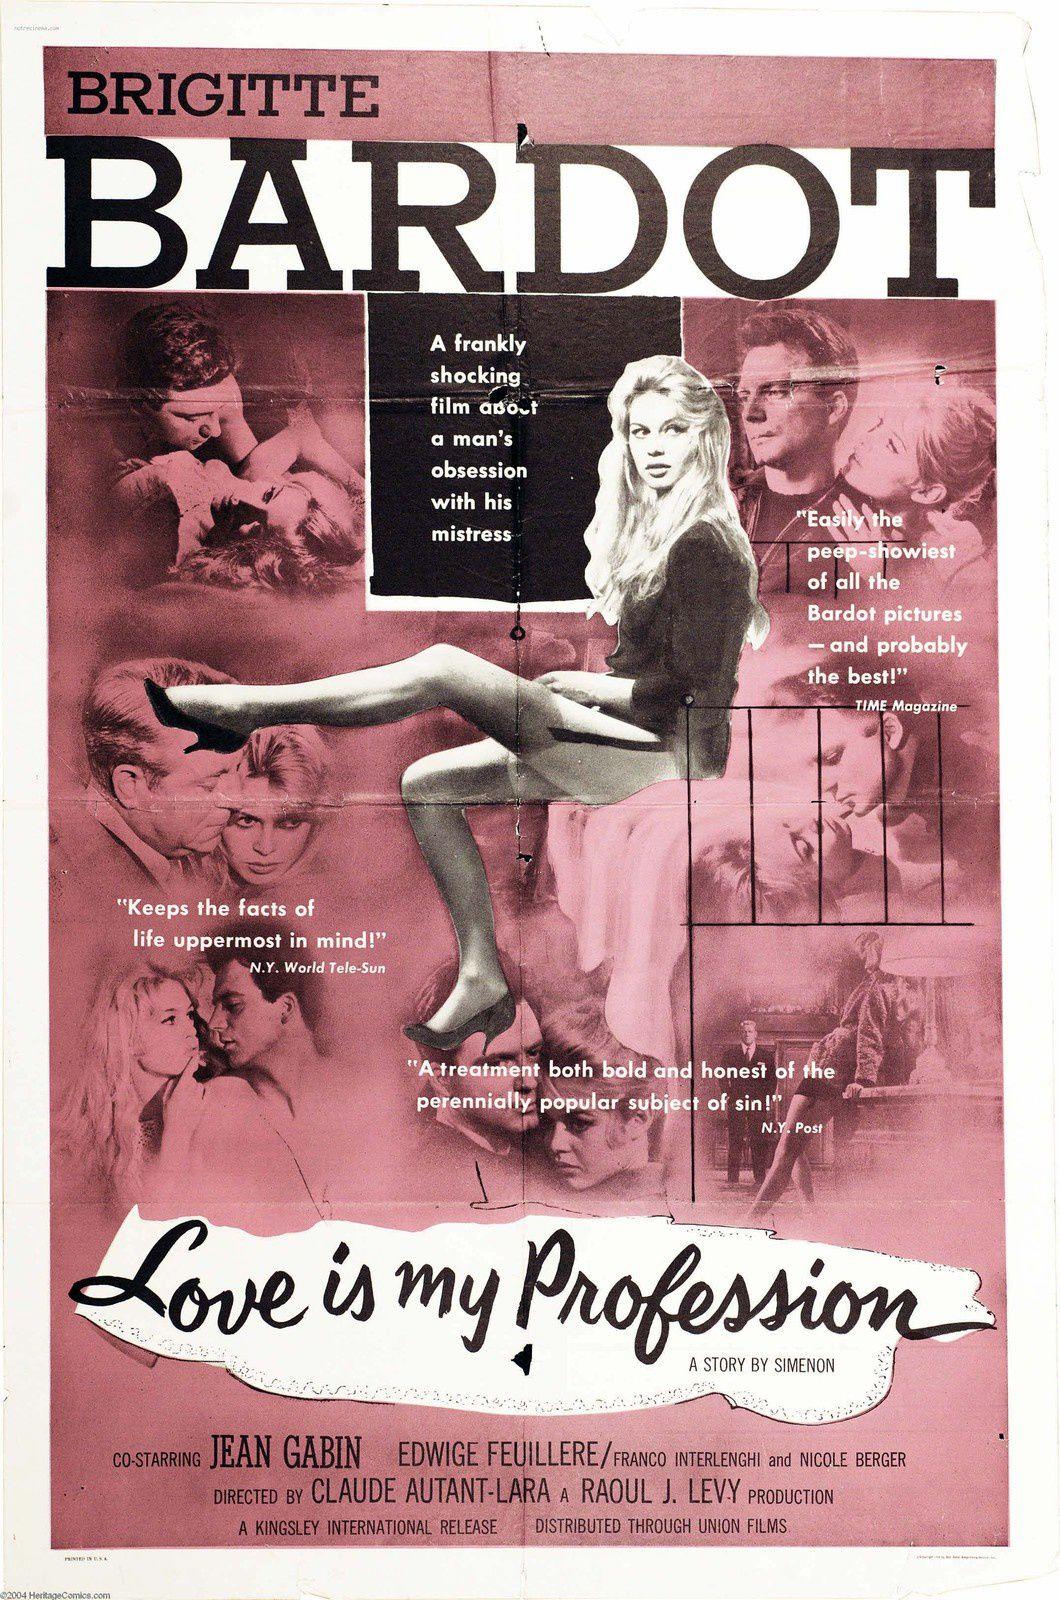 Réunissant les noms de Gabin, Bardot, Feuillère et Autant-Lara, cette adaptation d'un roman de Simenon avait tout d'un succès annoncé. Le résultat sera à la hauteur des espérances, et le film figure aujourd'hui parmi les classiques du cinéma français.